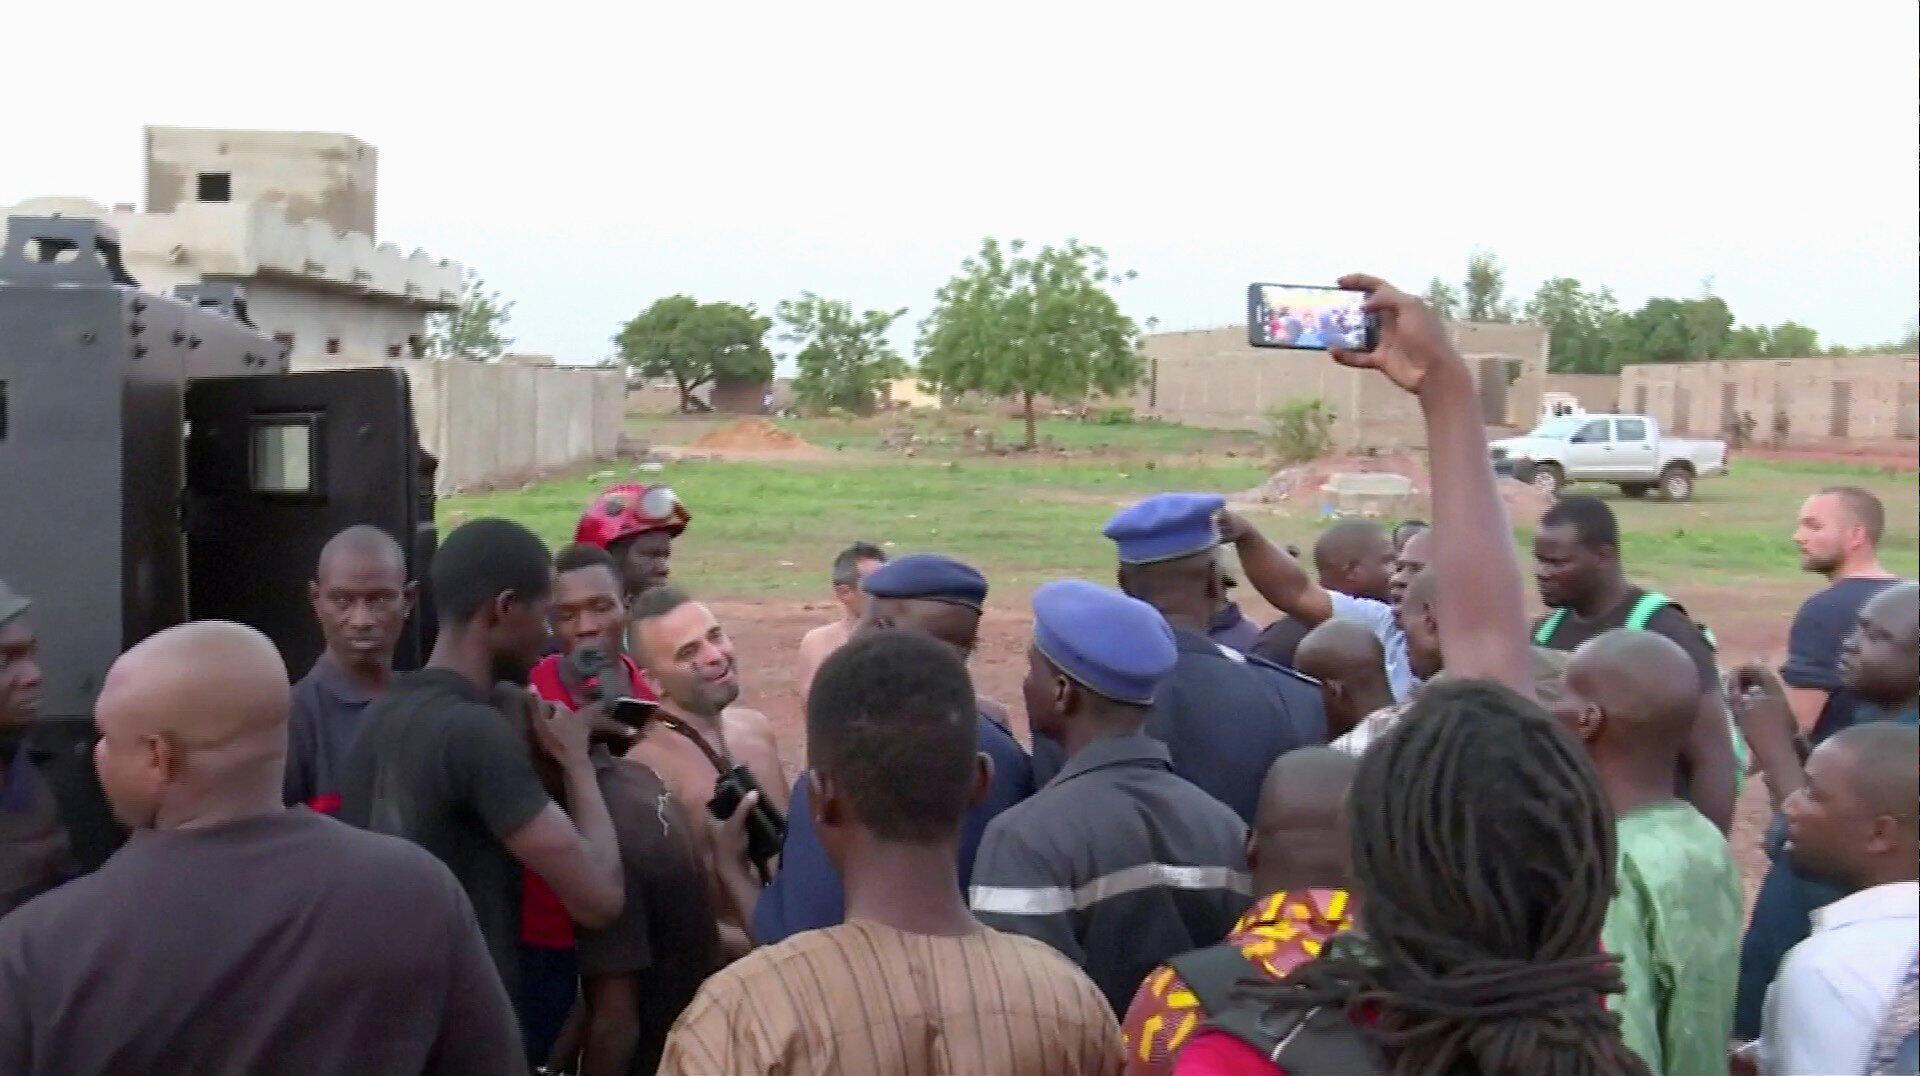 La police avec 4 personnes sauvées de l'hôtel  Kankaba suite à une attaque d'hommes armés qui ont pris d'assaut l'hôtel à Dougourakoro, à l'Est de la capitale Bamako, au Mali le 18 juin 2017.